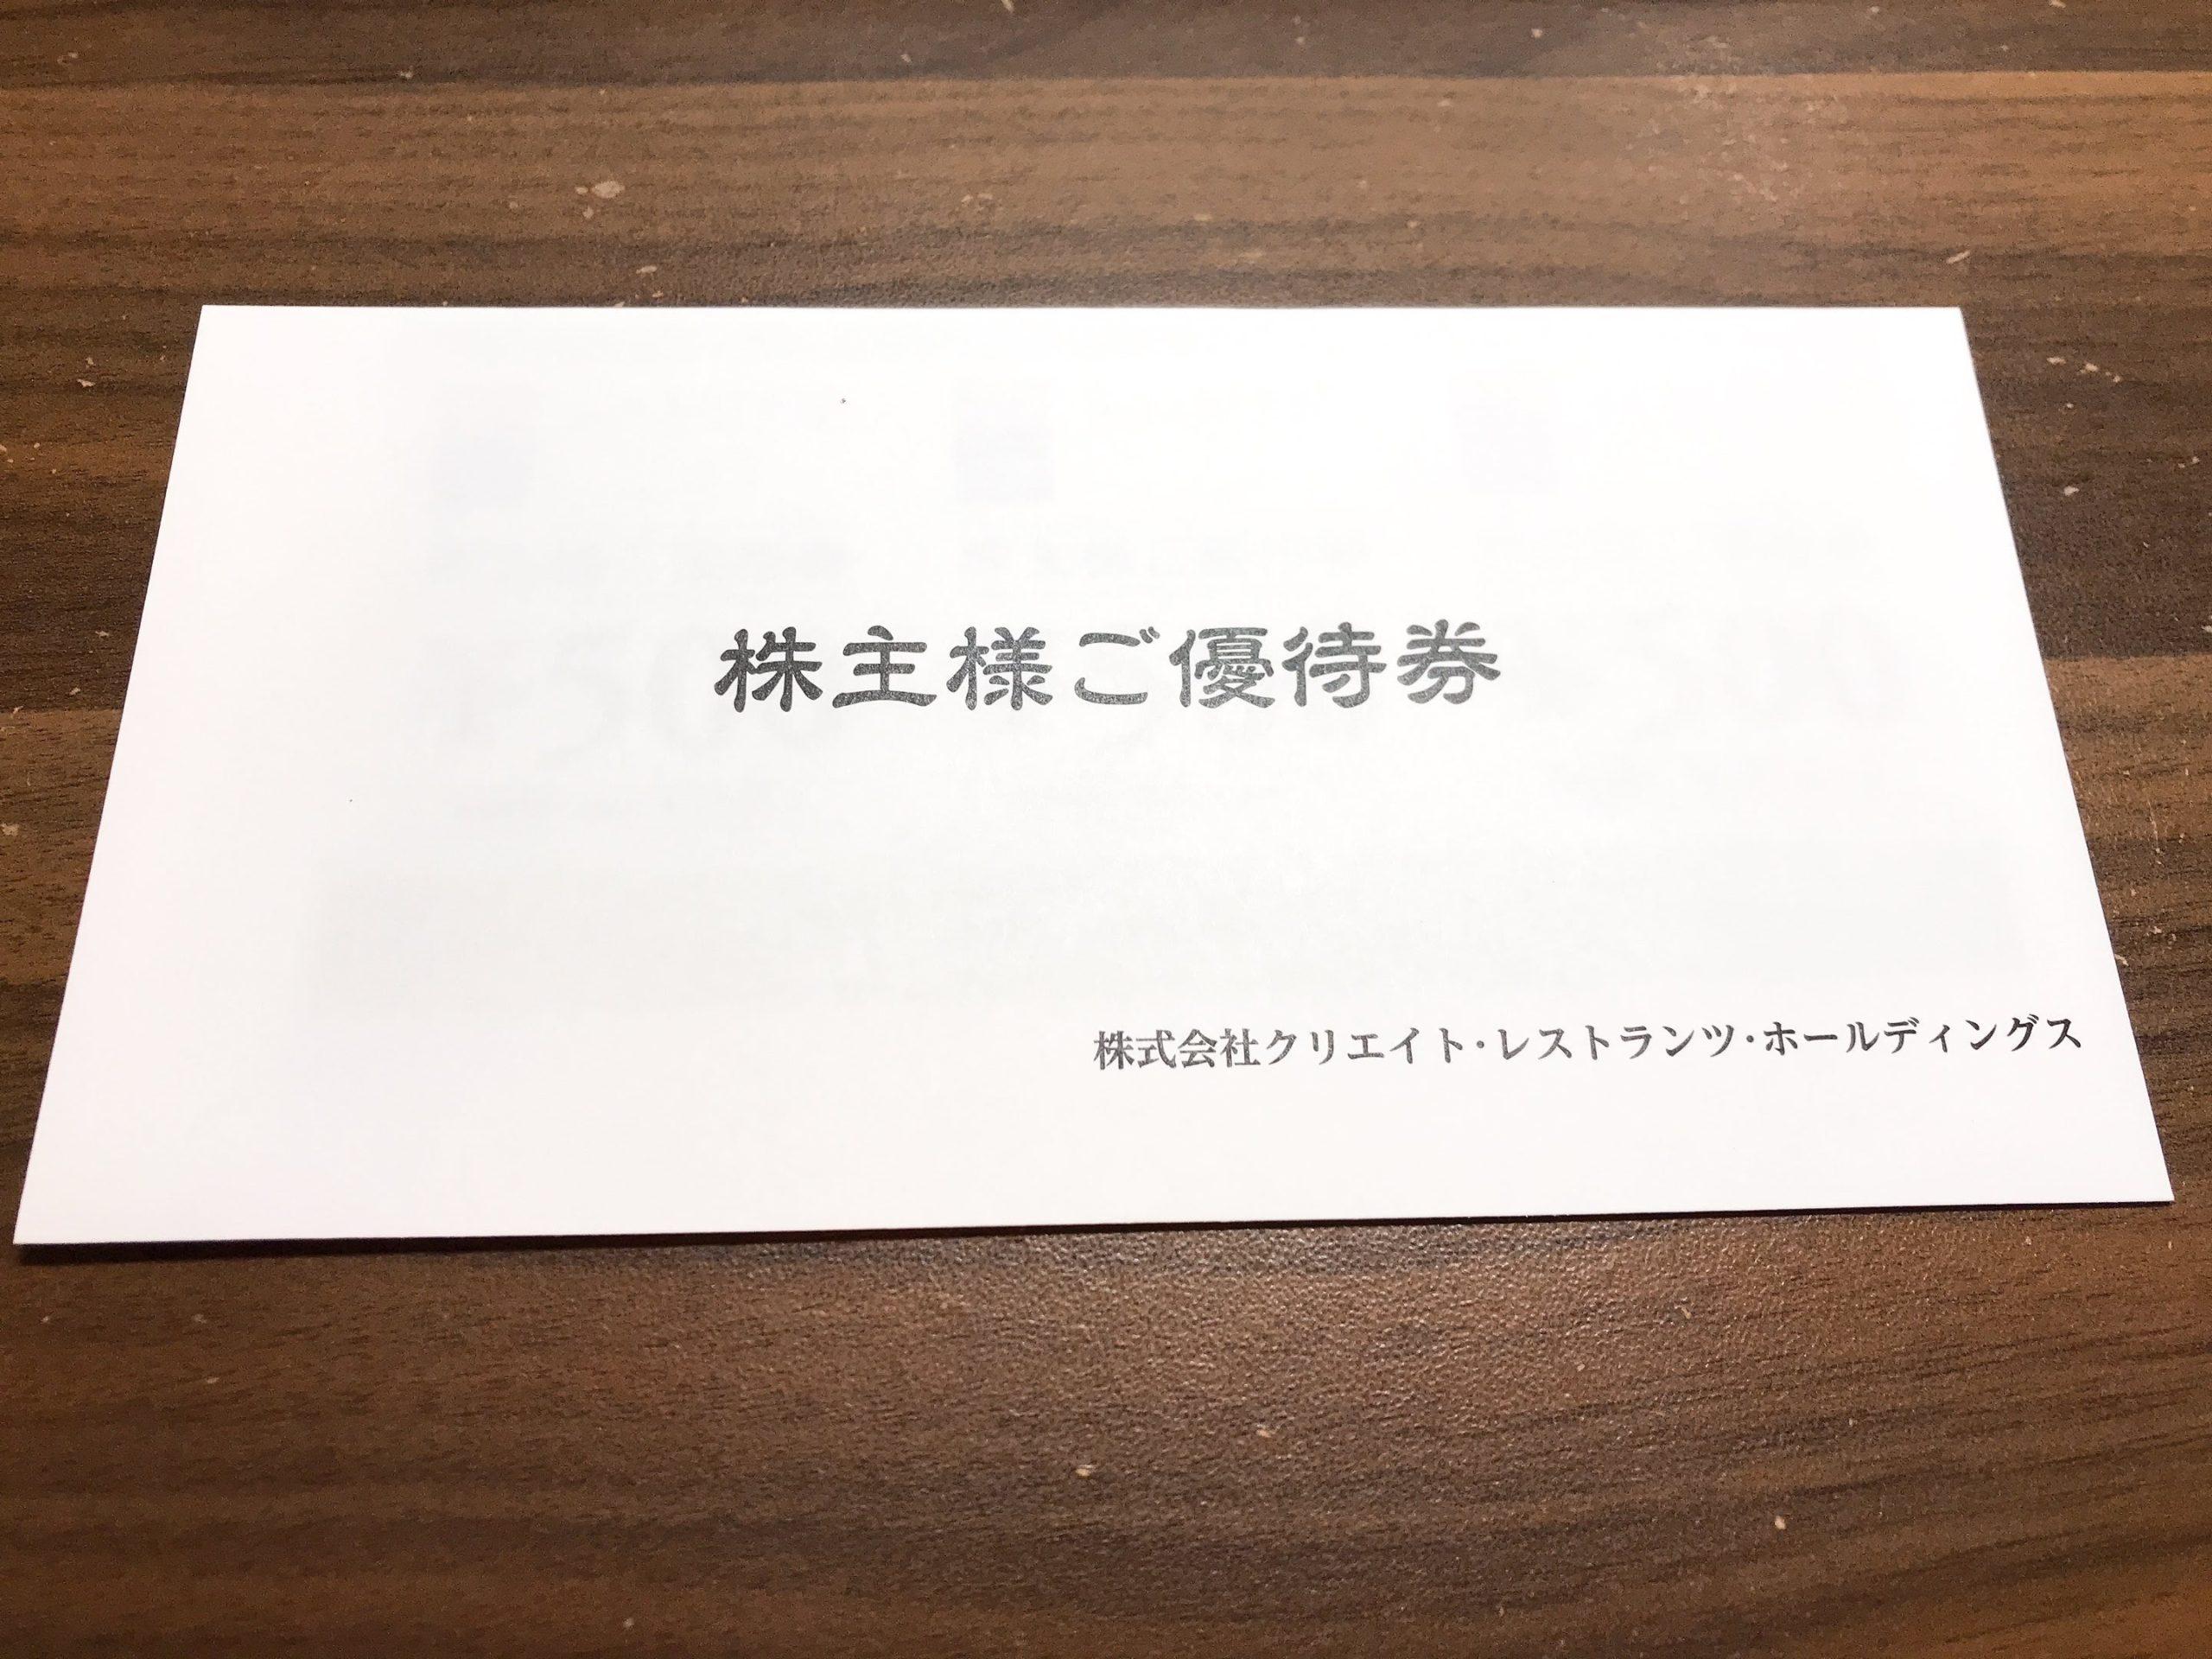 【2019年度】クリレスHDから株主優待が到着